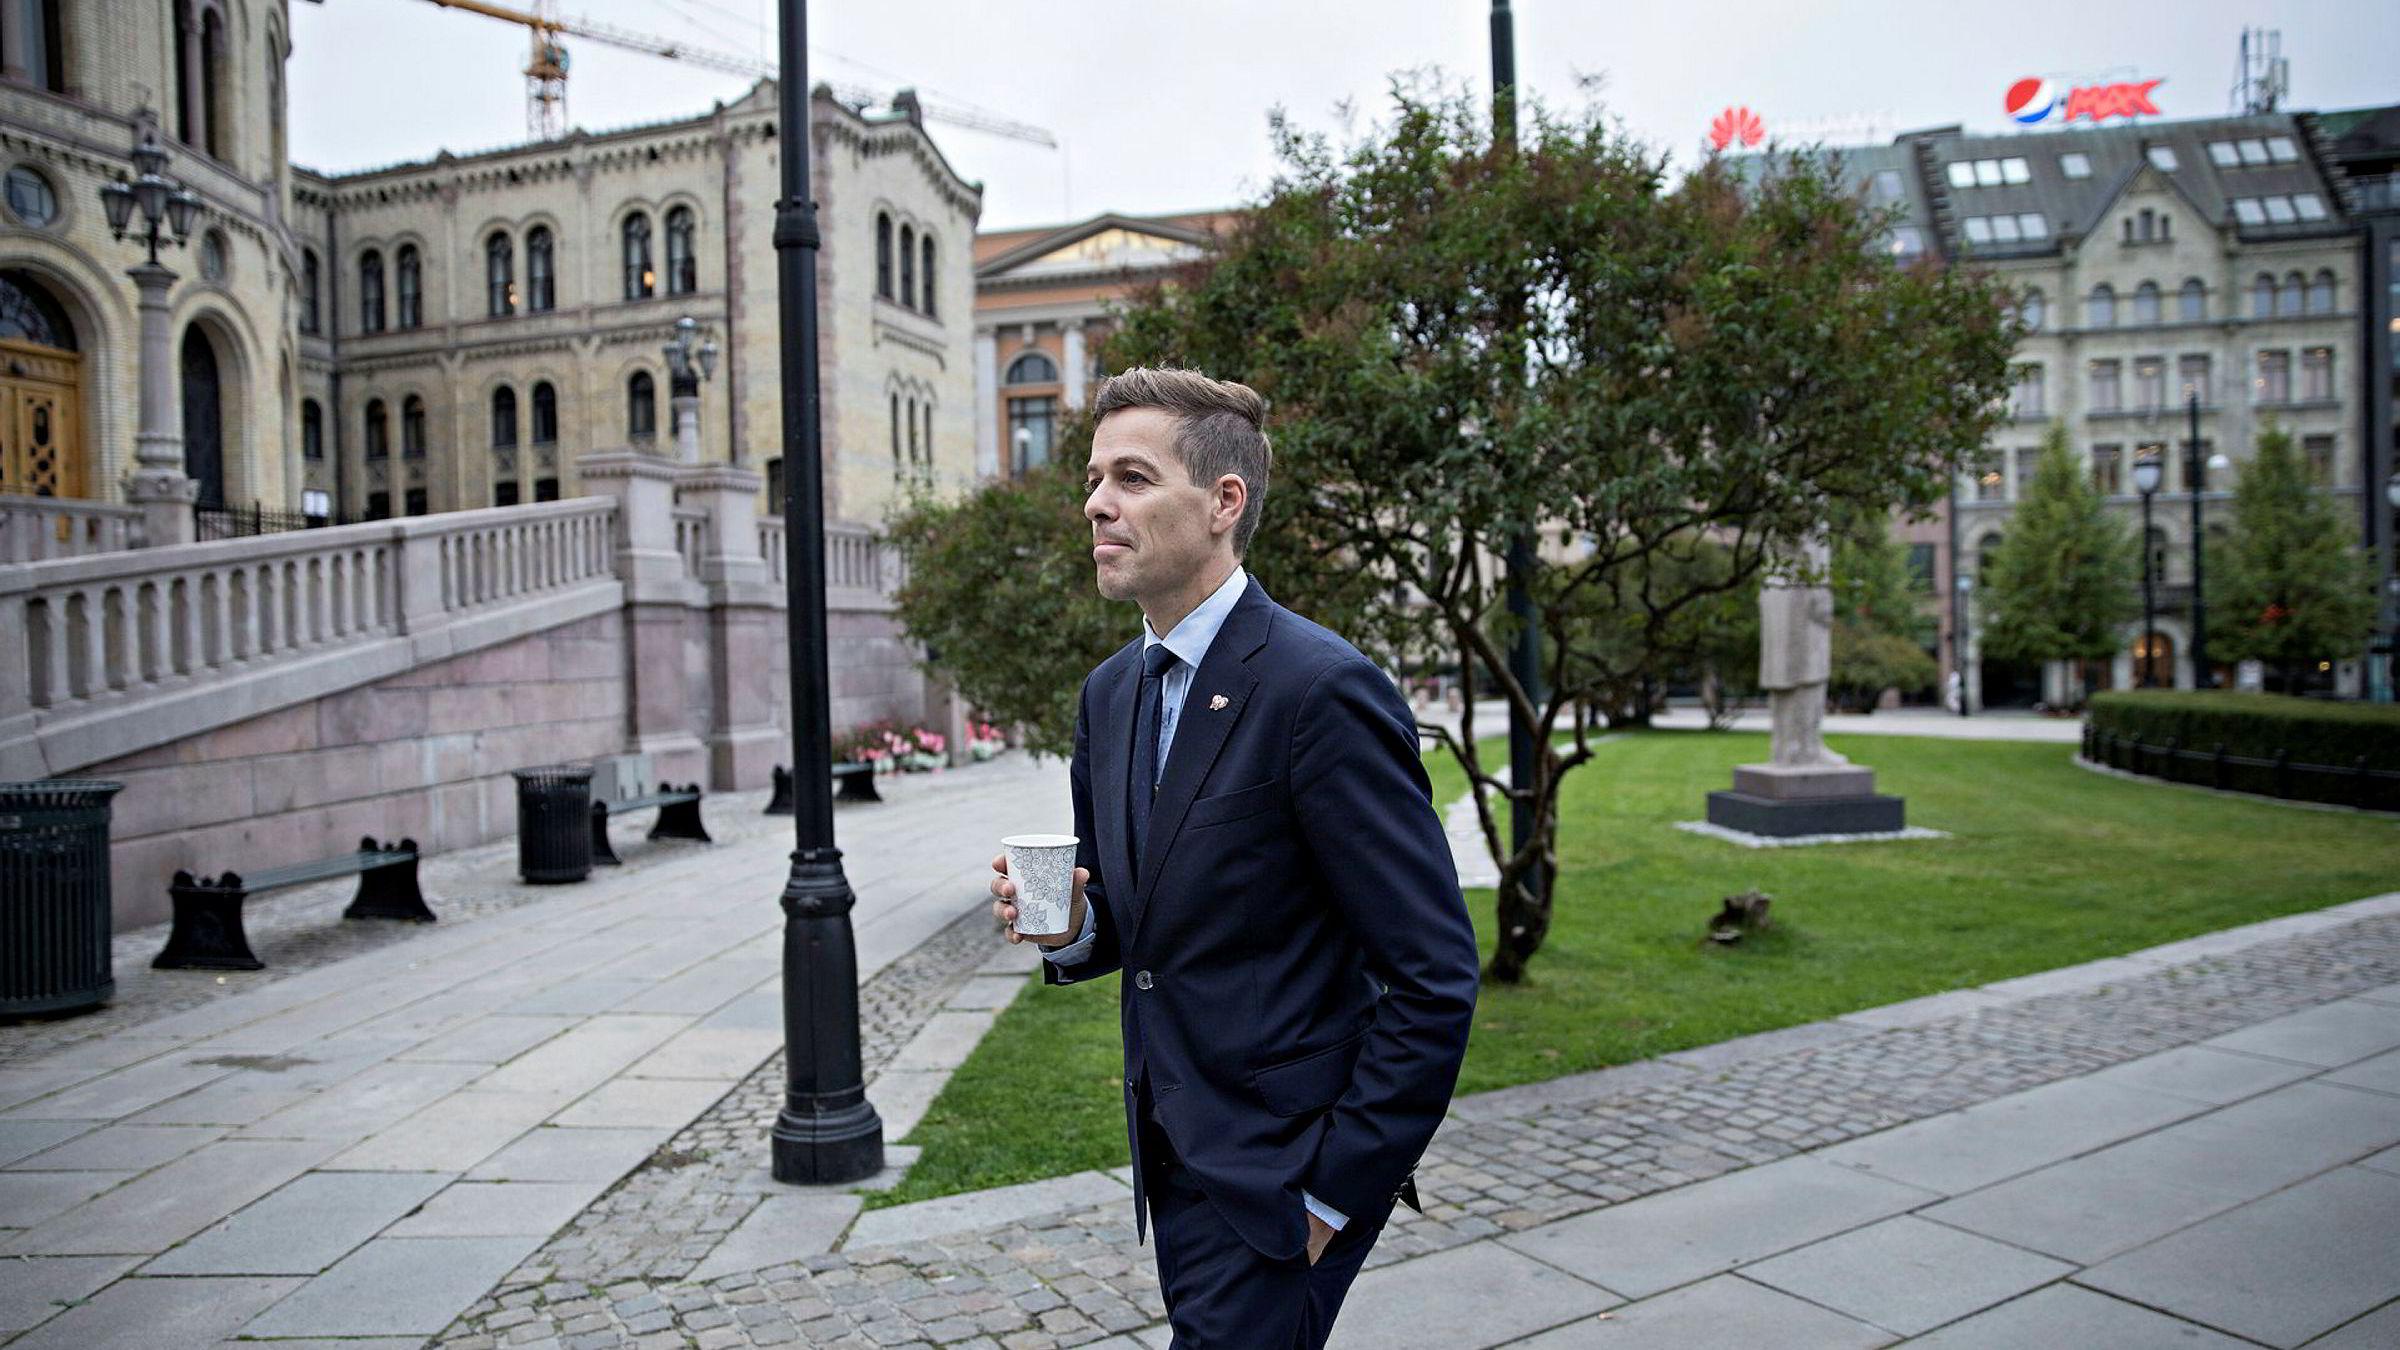 – Knut Arild Hareide (bildet) kunne blitt en flott utenriksminister, sier fylkesleder i Hordaland KrF, Pål Kårbø, som understreker at han ikke tror et tilbud om stillingen blir avgjørende.